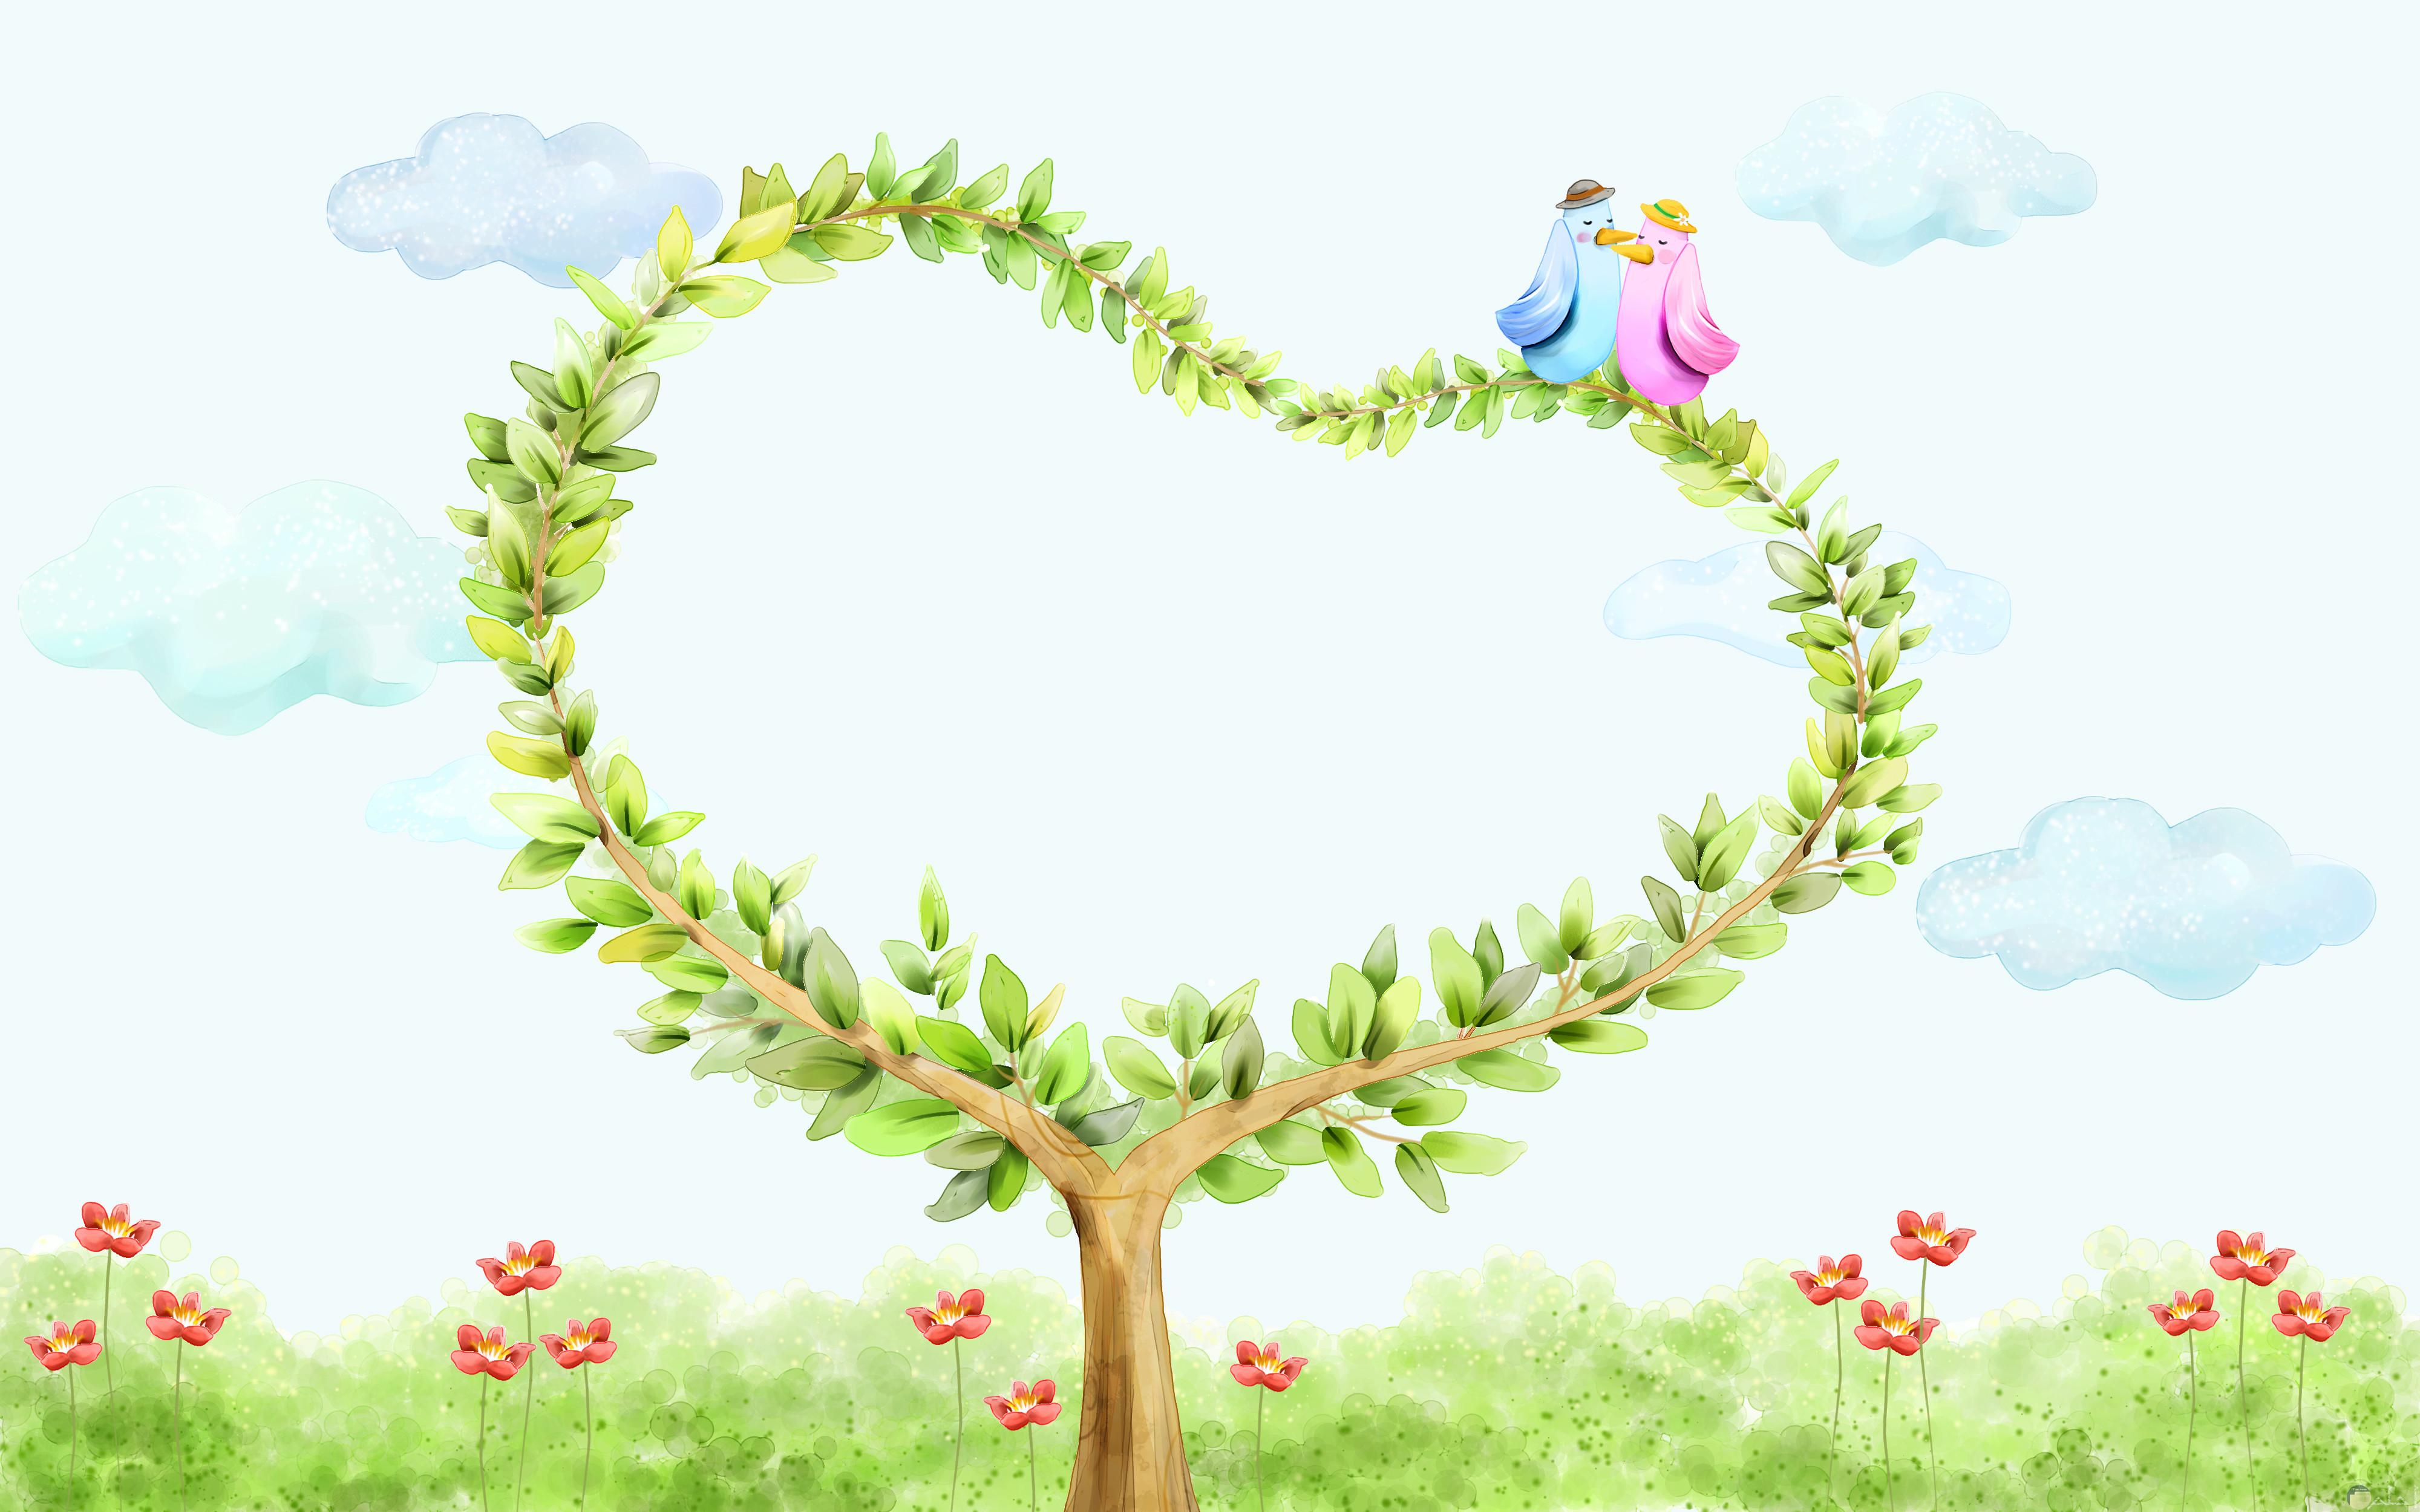 قلب اخضر مرسوم في صورة كرتونية جميلة ورومانسية